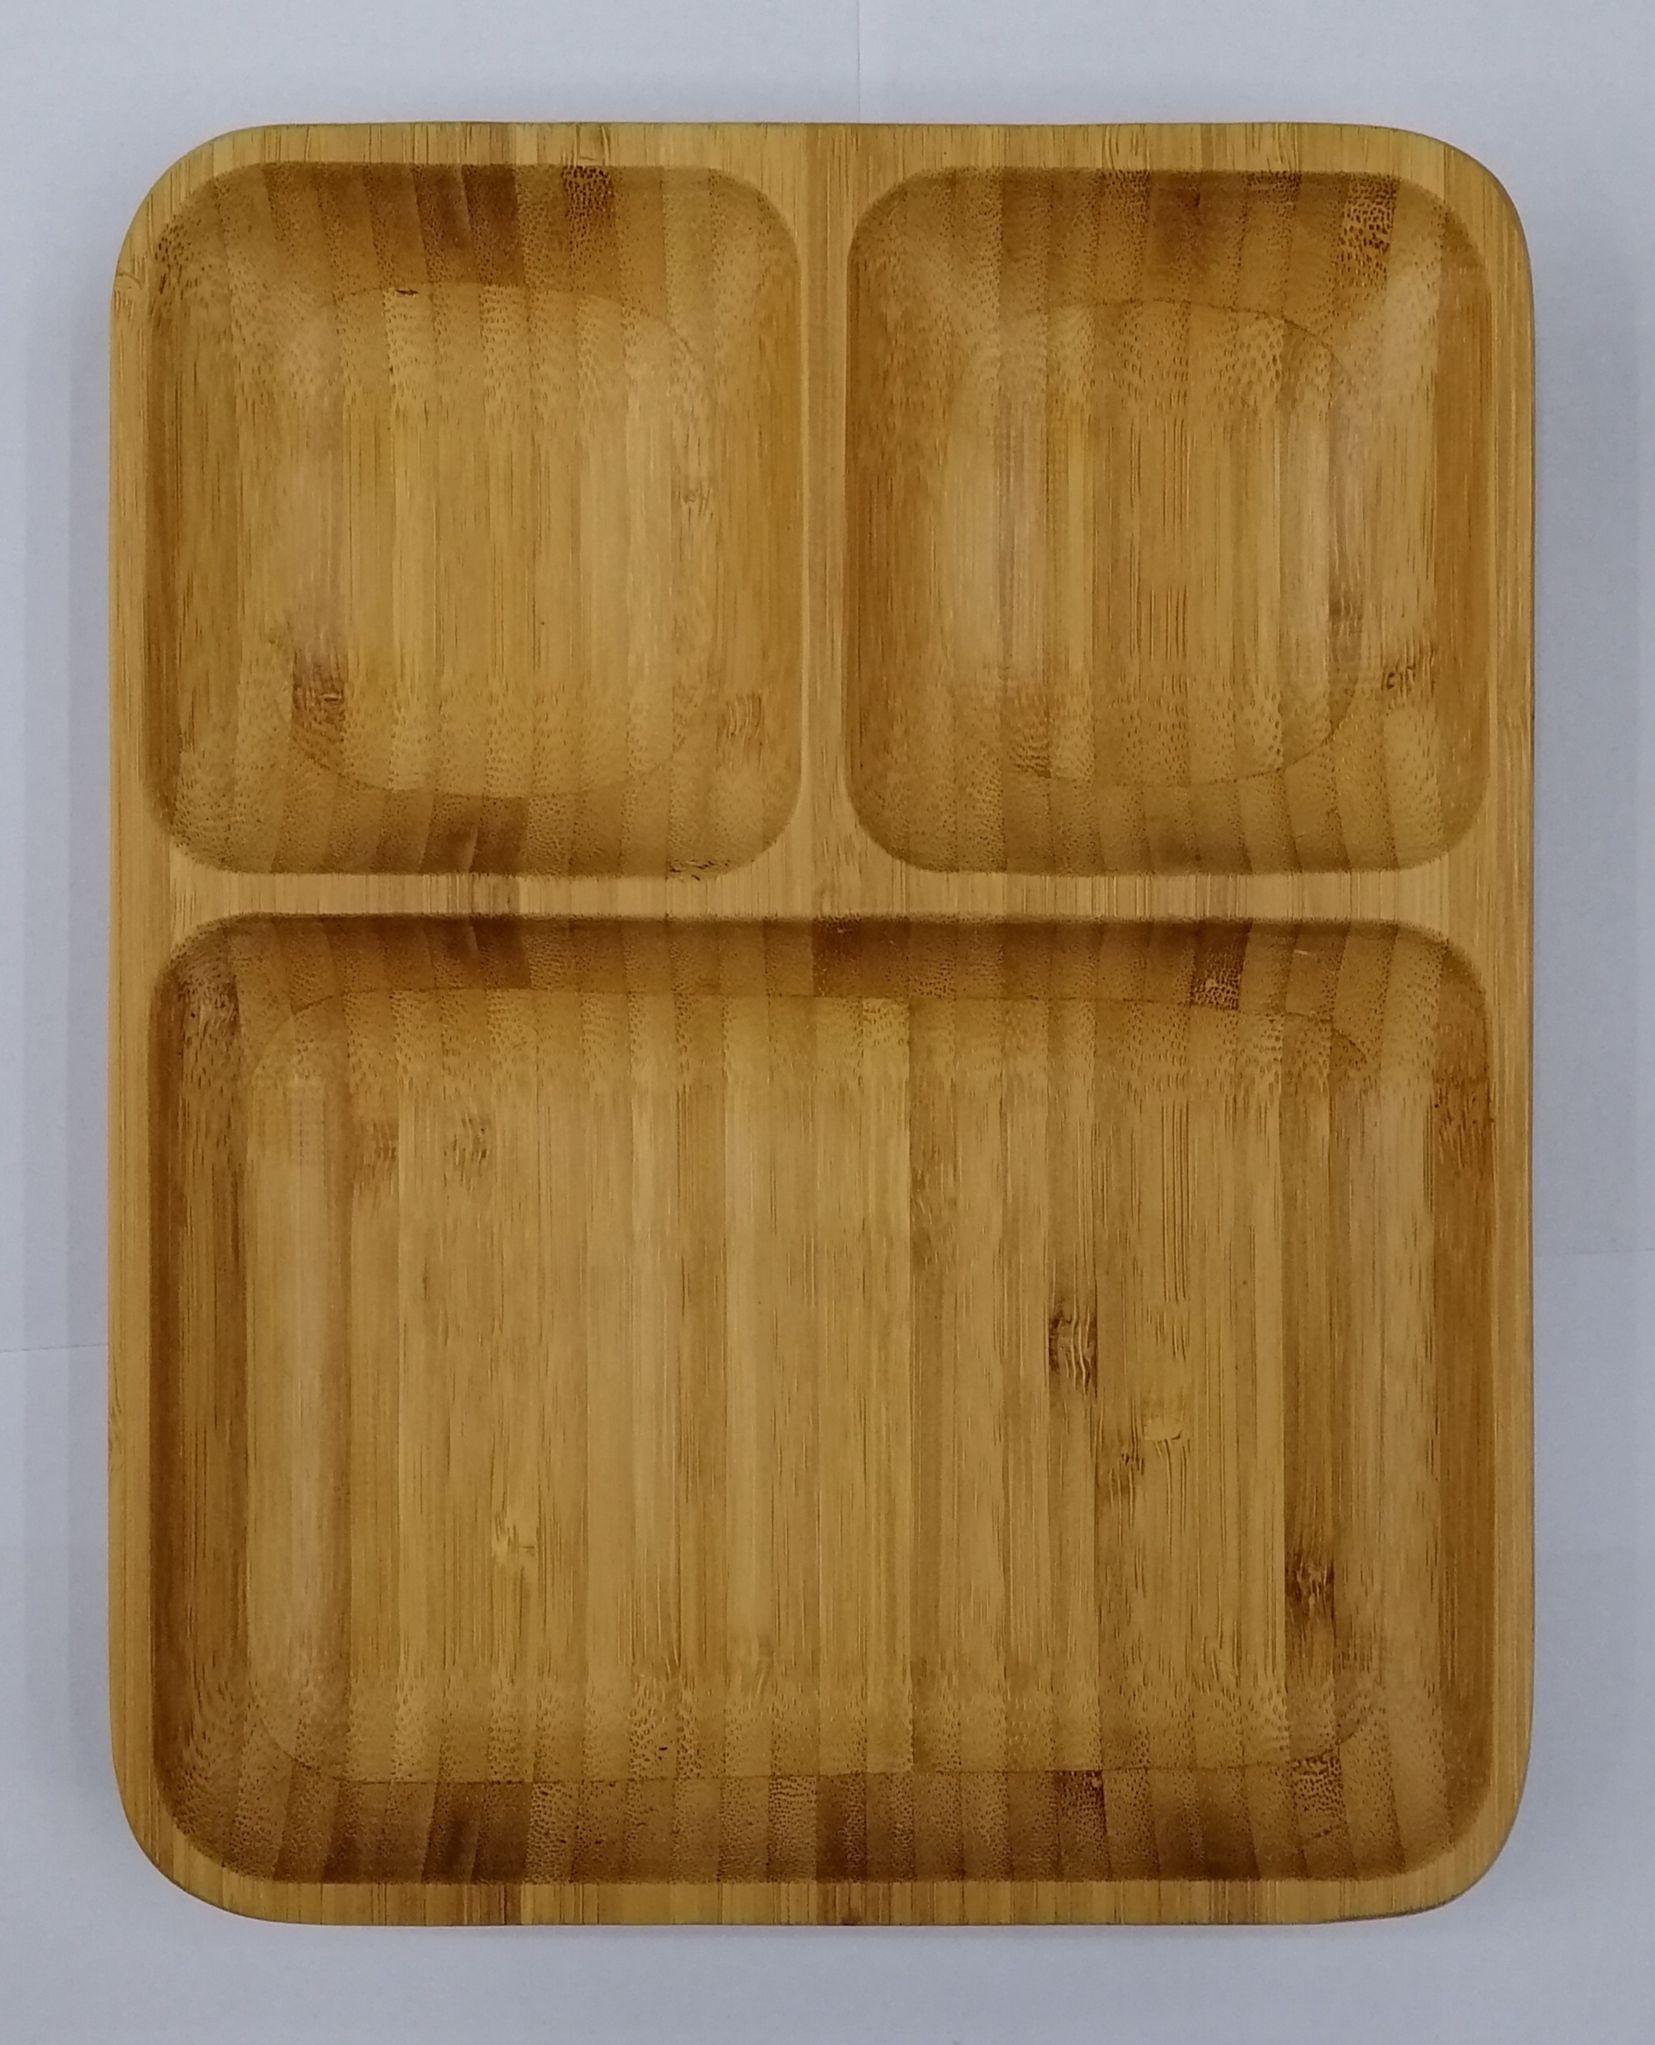 竹制长方形三格碗竹水果盘坚果盘北欧家用环保